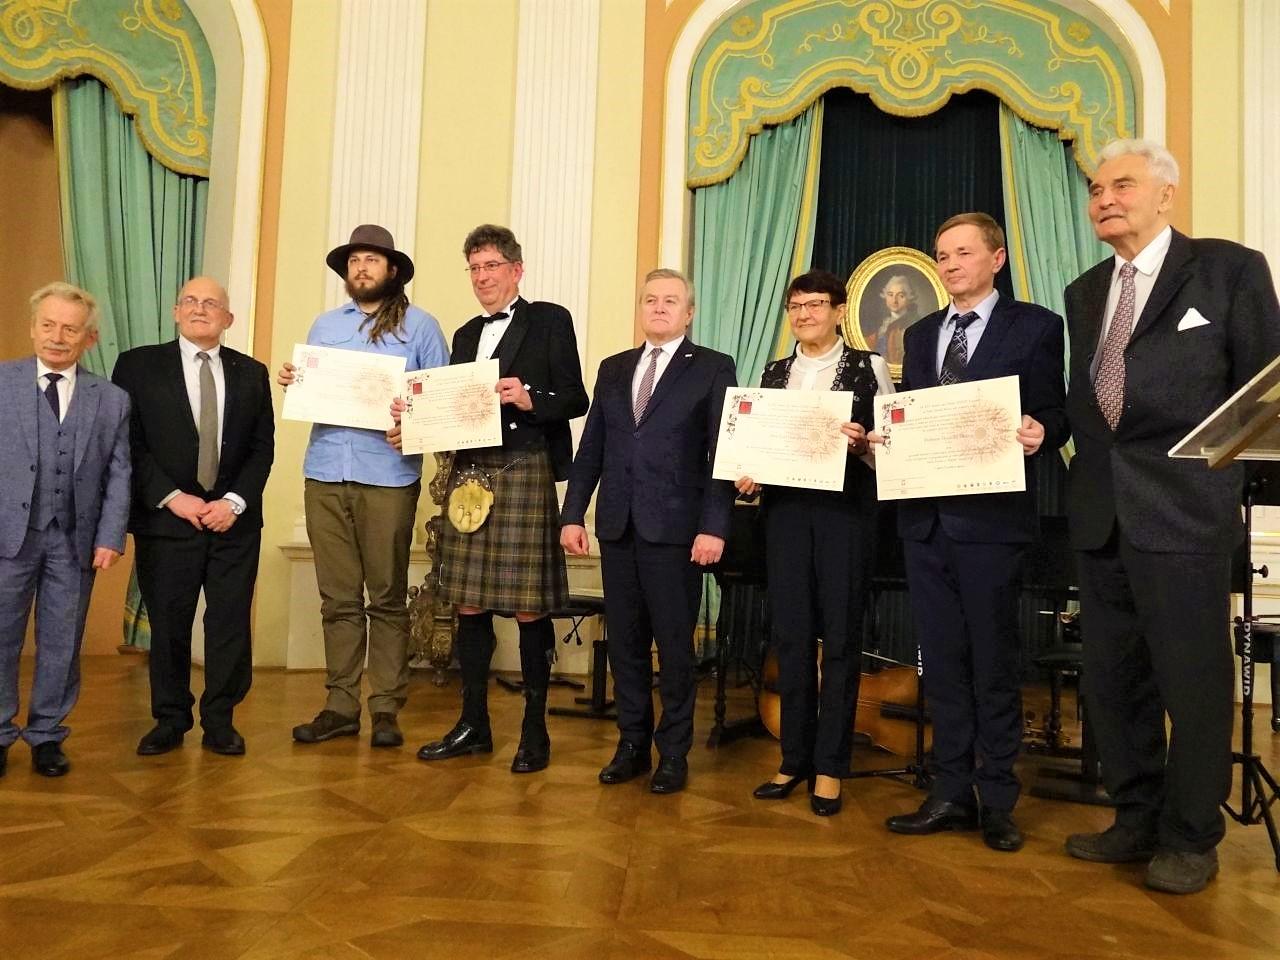 Wręczenie Nagród im. Benedykta Polaka - Zdjęcie główne